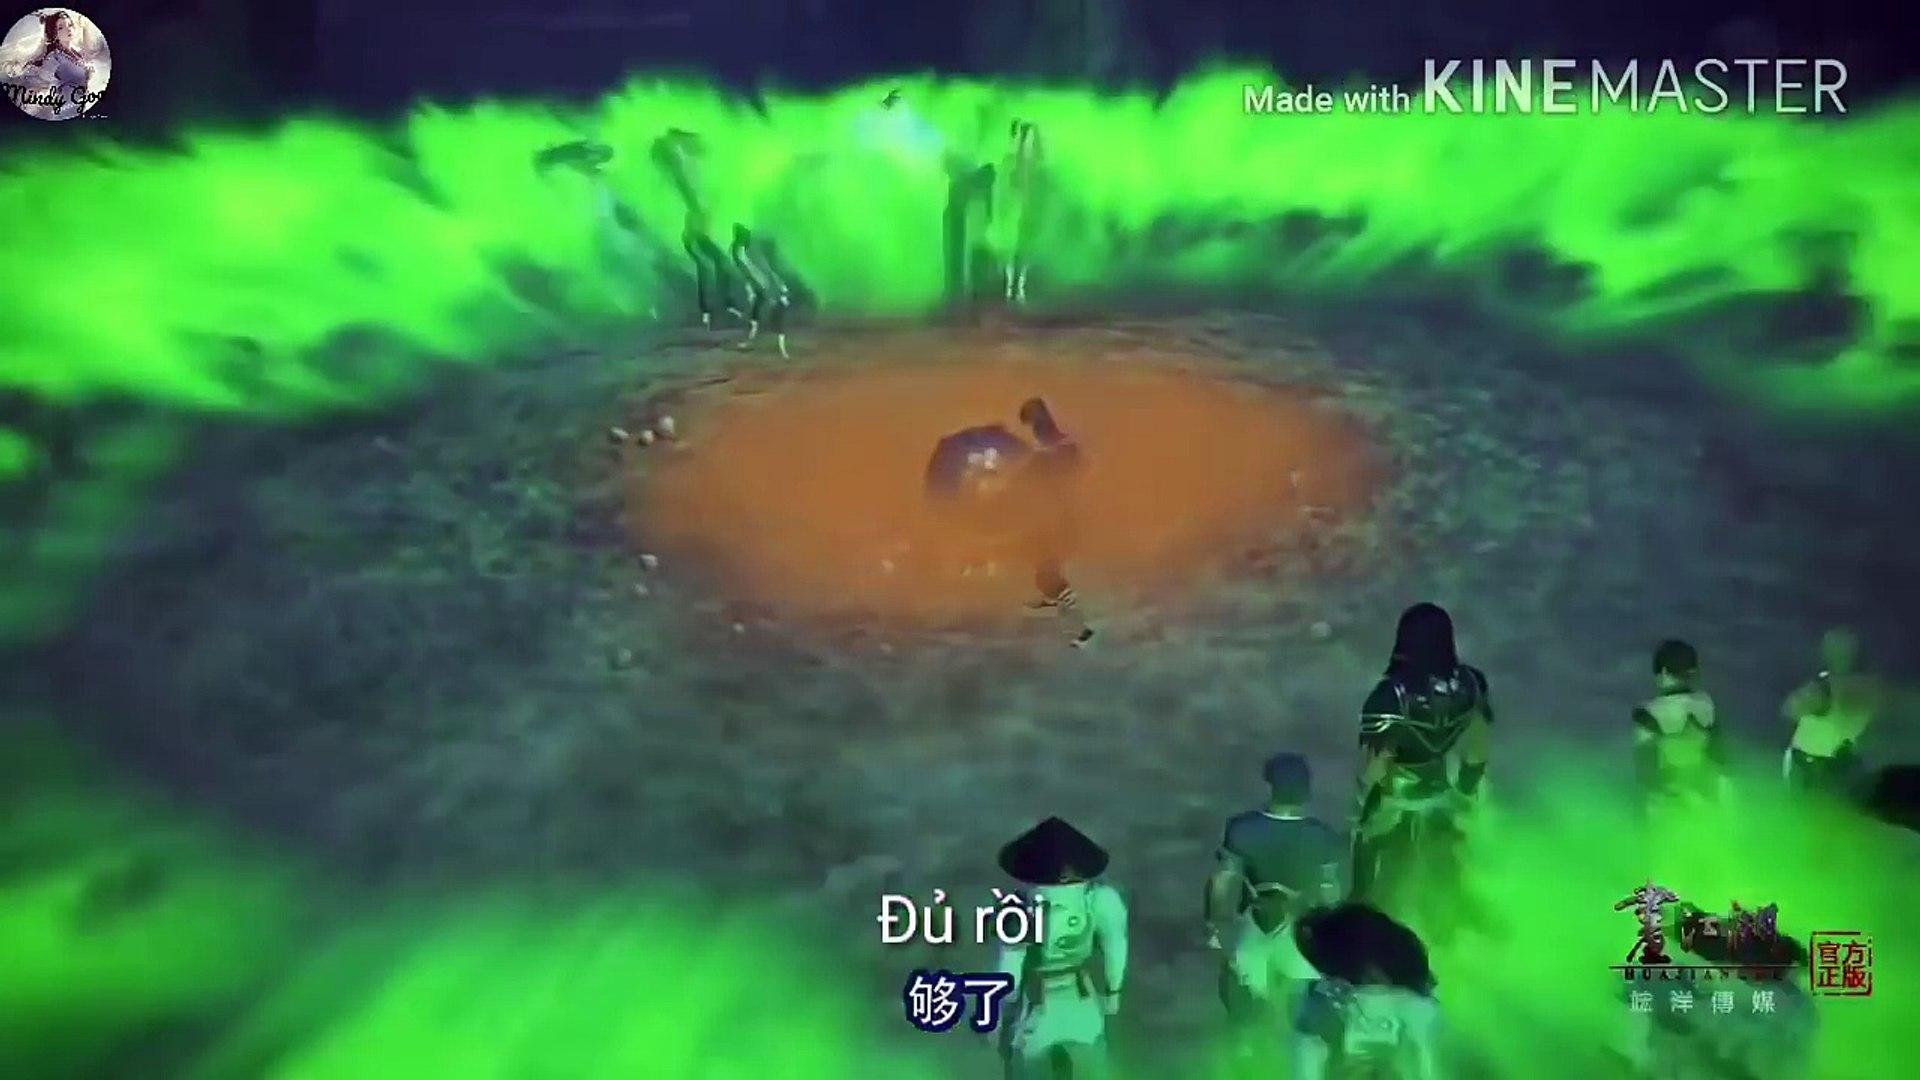 Phim Hoạt hình Họa giang hồ chi Hiệp Lam Tập 16 FULL VIETSUB | Phim Hoạt Hình Trung Quốc Tiên Hiệp 3